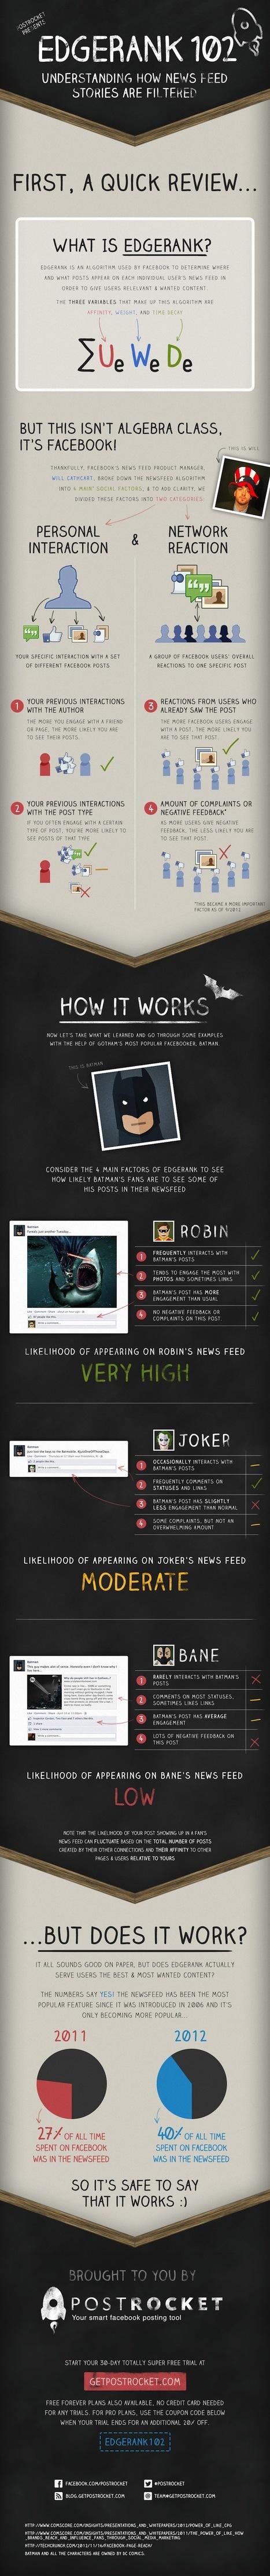 [infographie] Comprendre le newsfeed et l'edgerank de Facebook ? | Social Media Curation par Mon Habitat Web | Scoop.it